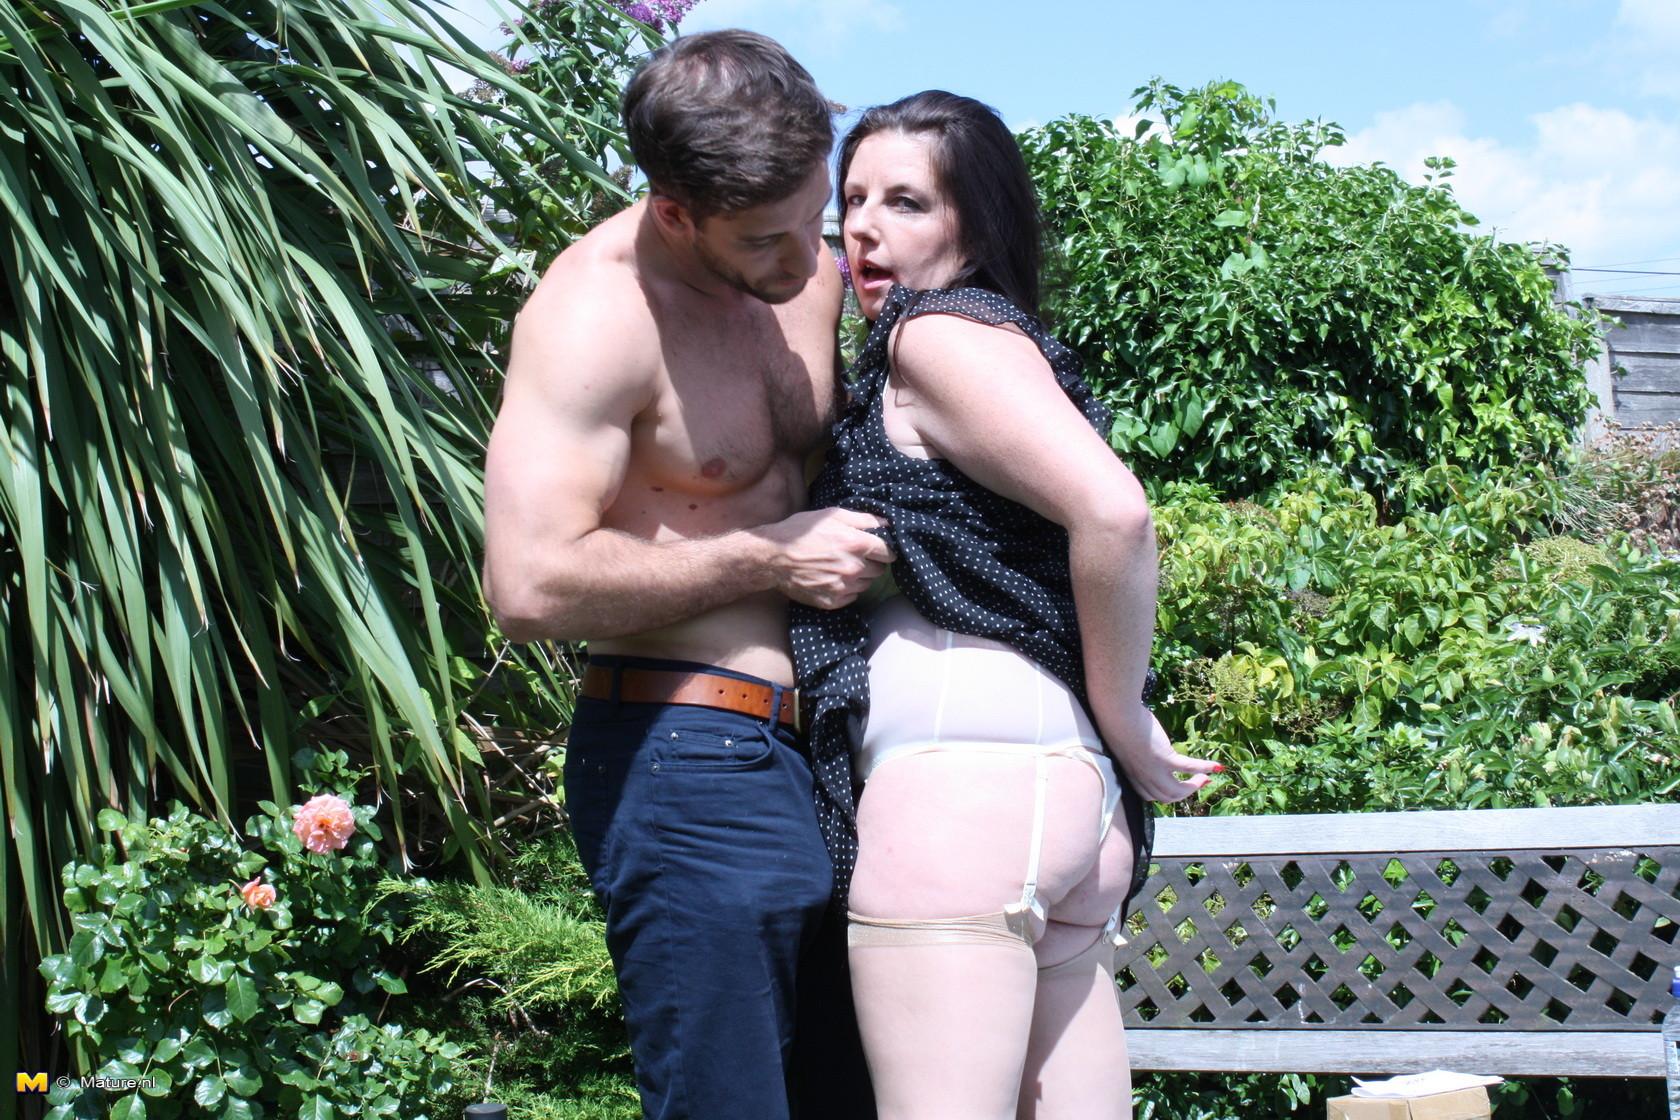 Пышная дамочка соблазняет симпатичного мужчину и с удовольствием отдается ему